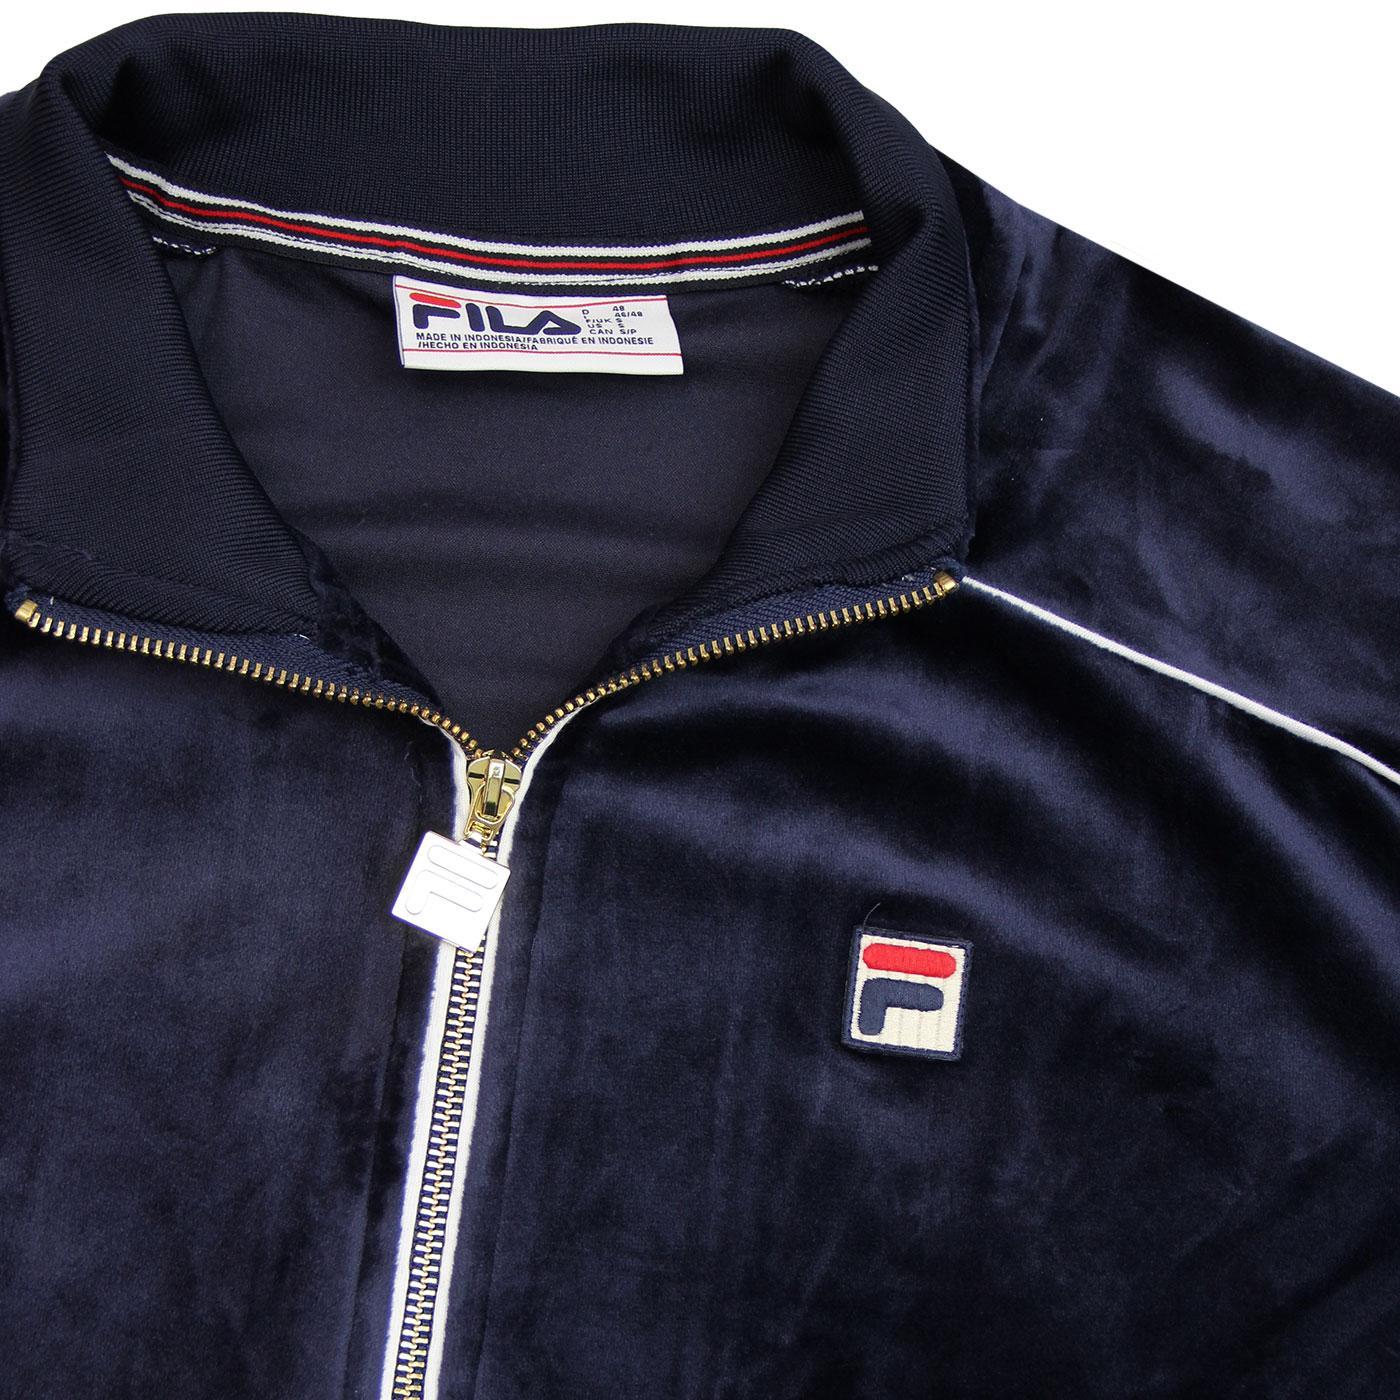 05499e45f2d7 FILA VINTAGE Lineker Retro 80s Velour Track Jacket Peacoat